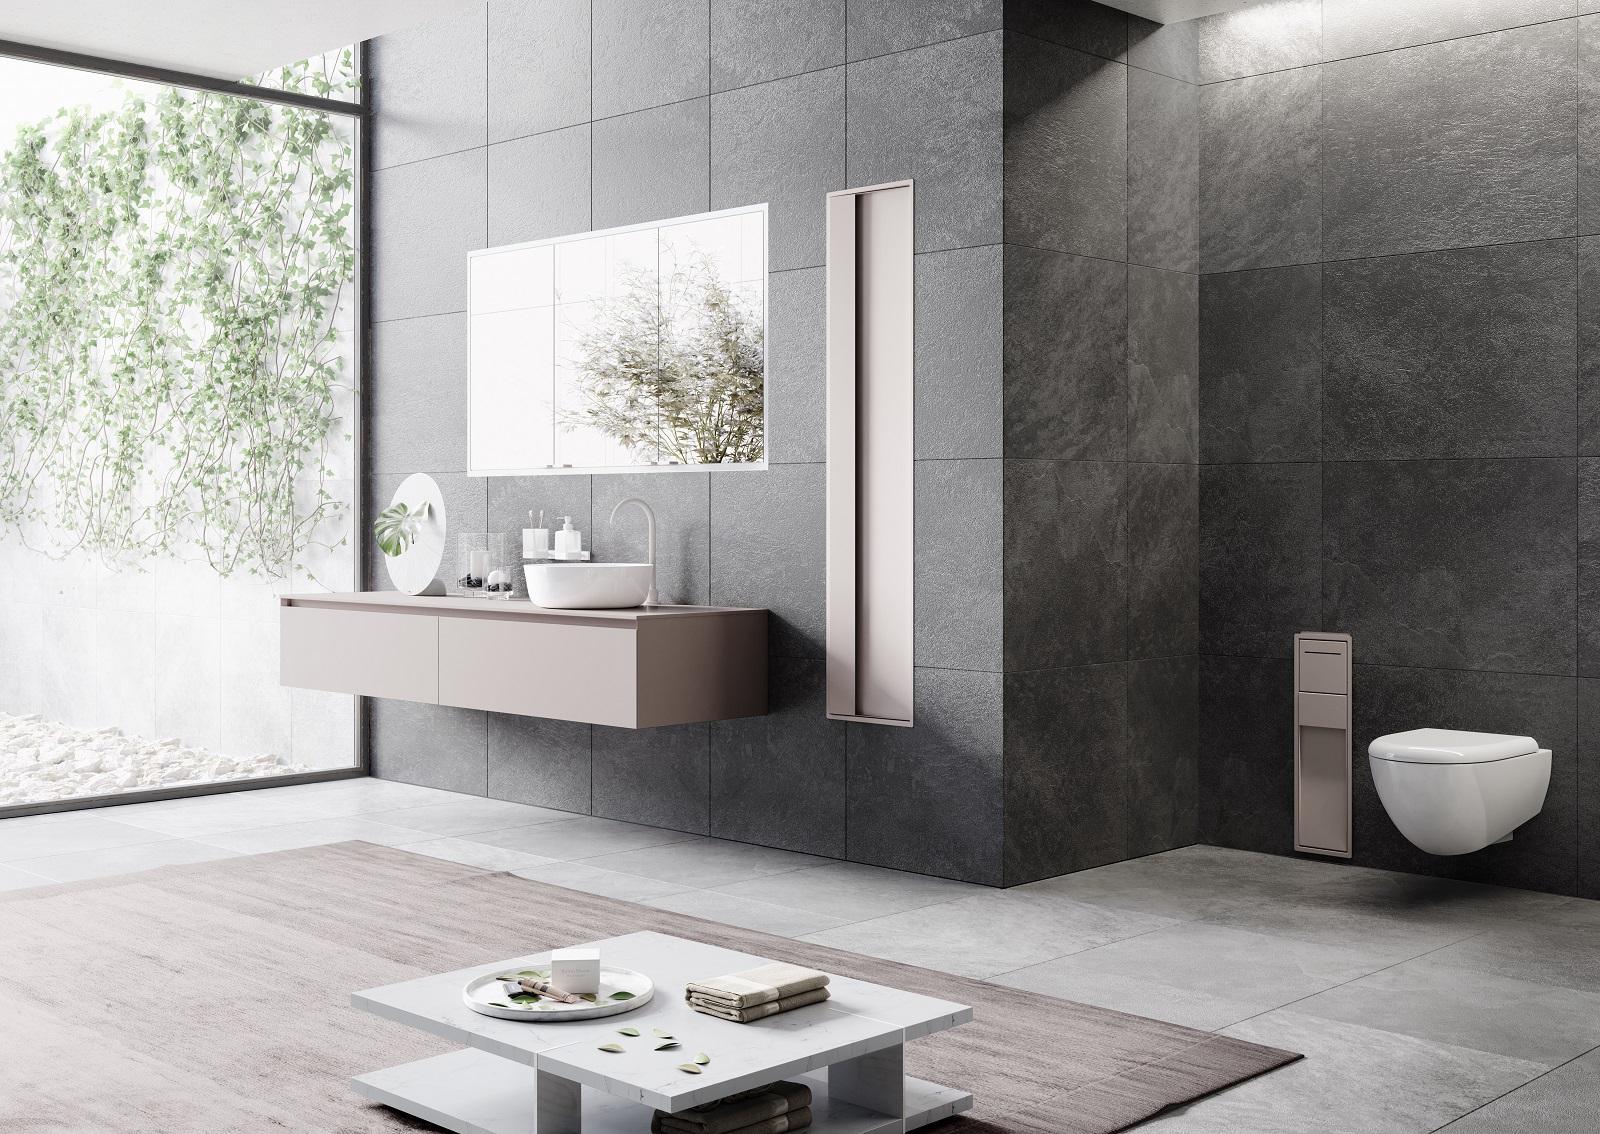 mobili per il bagno al salone del bagno 2018 funzionali e